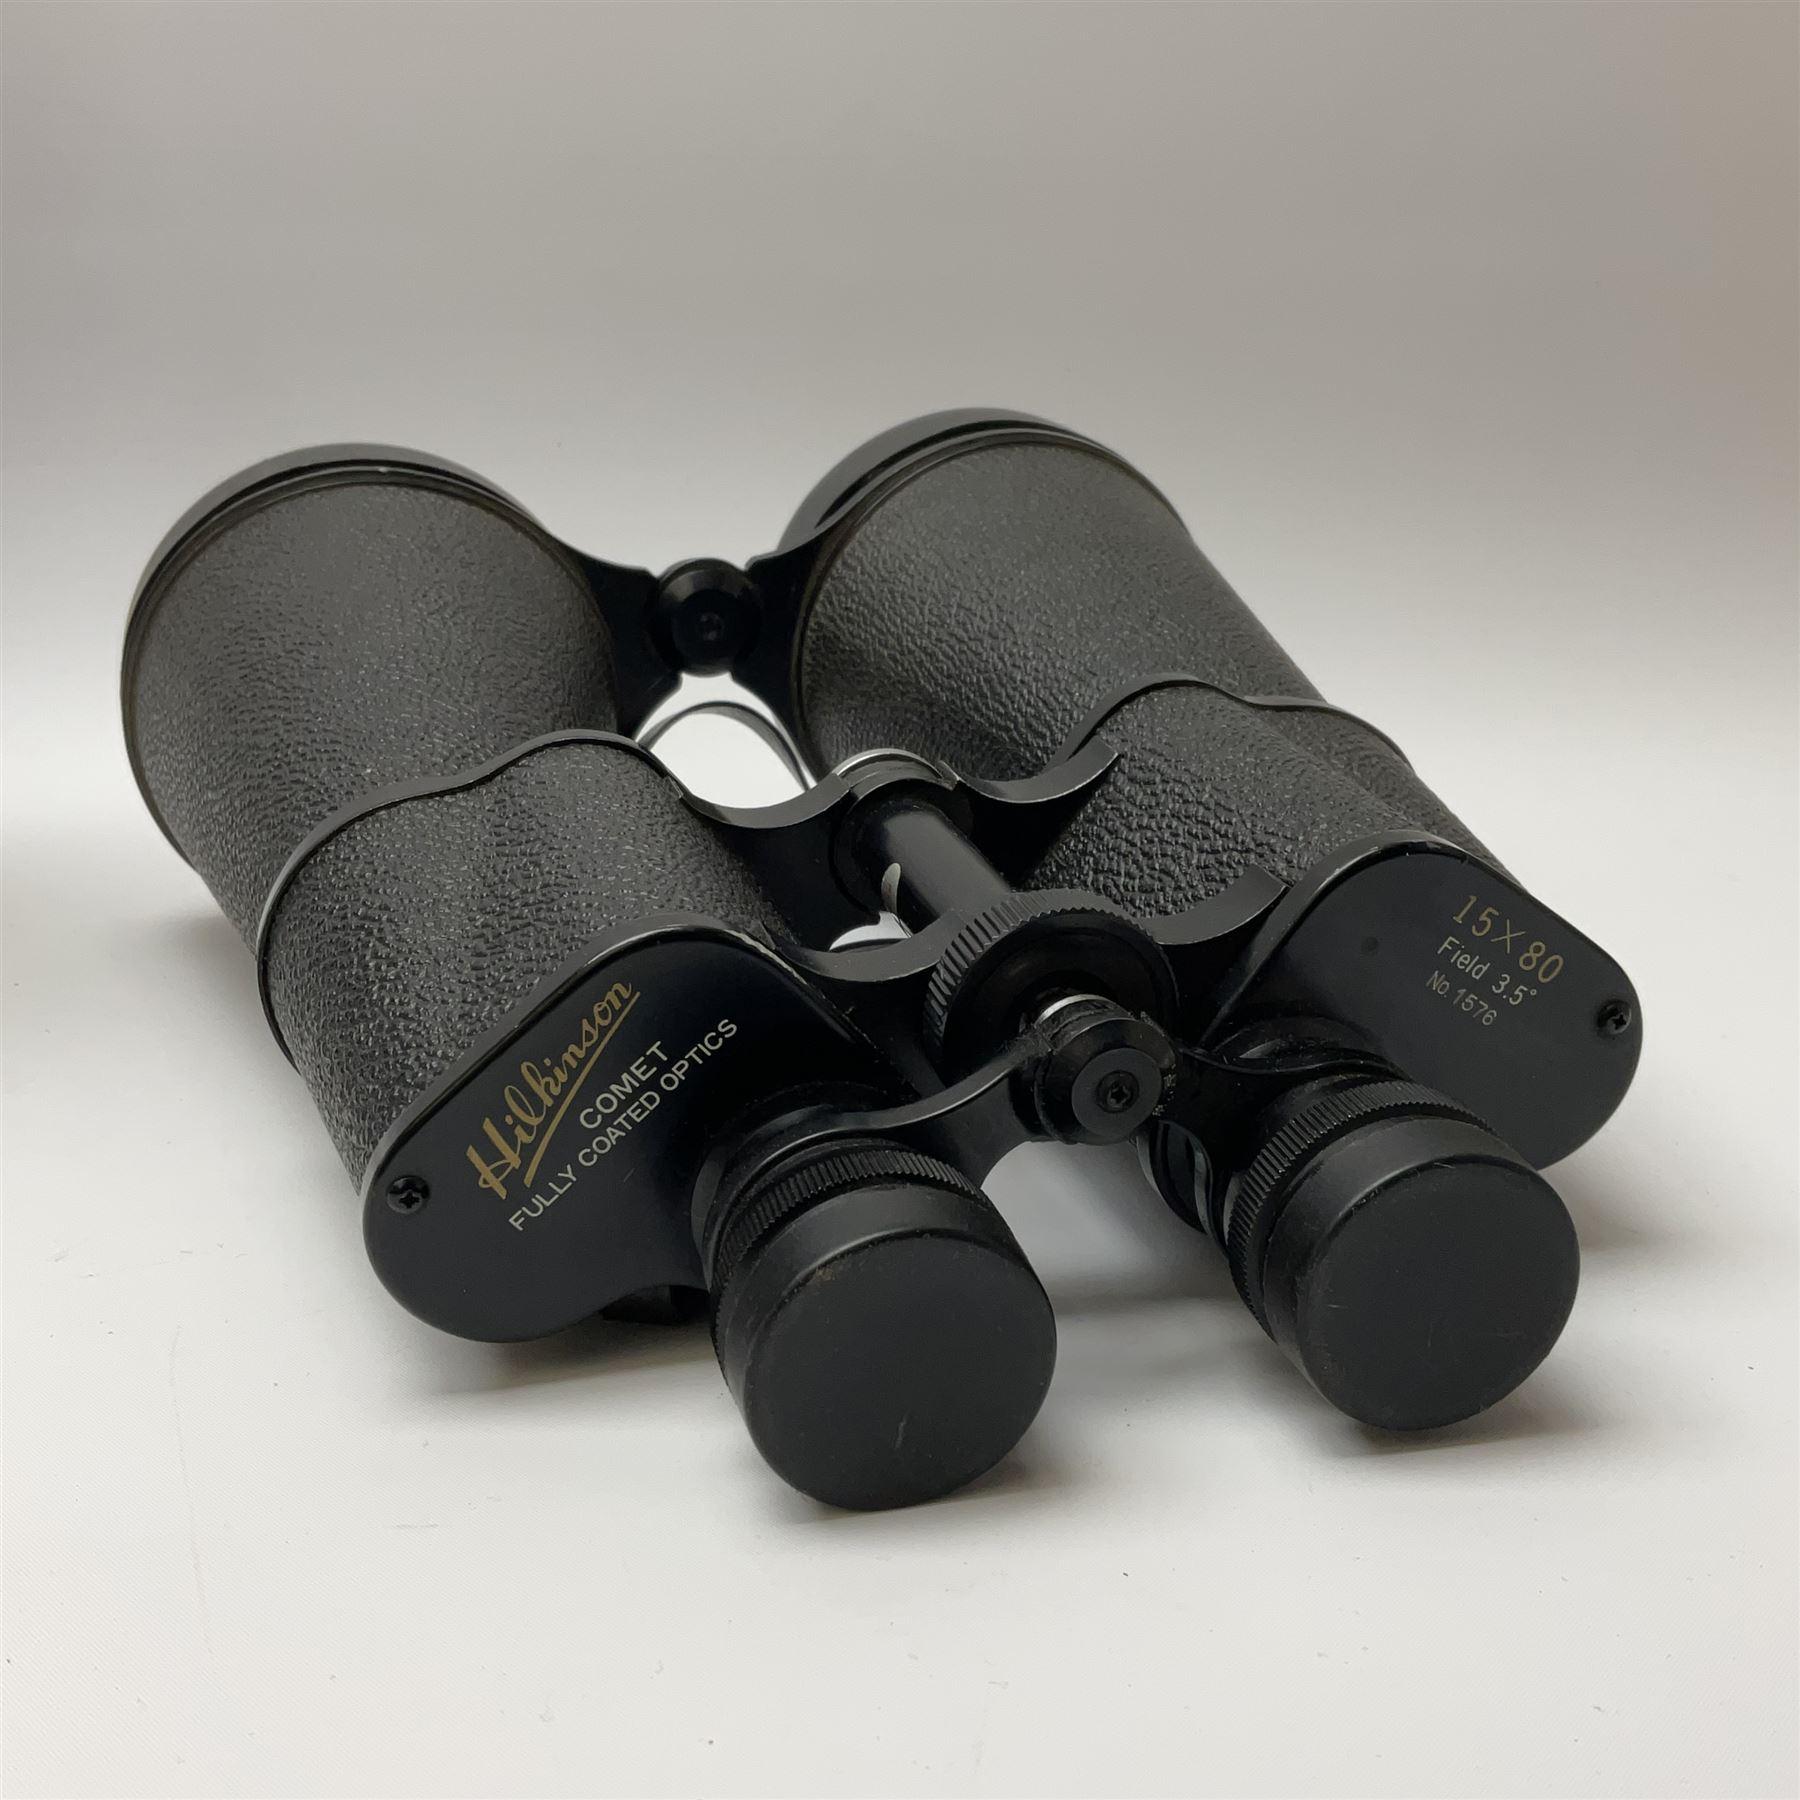 Hilkinson Comet binoculars - Image 2 of 4